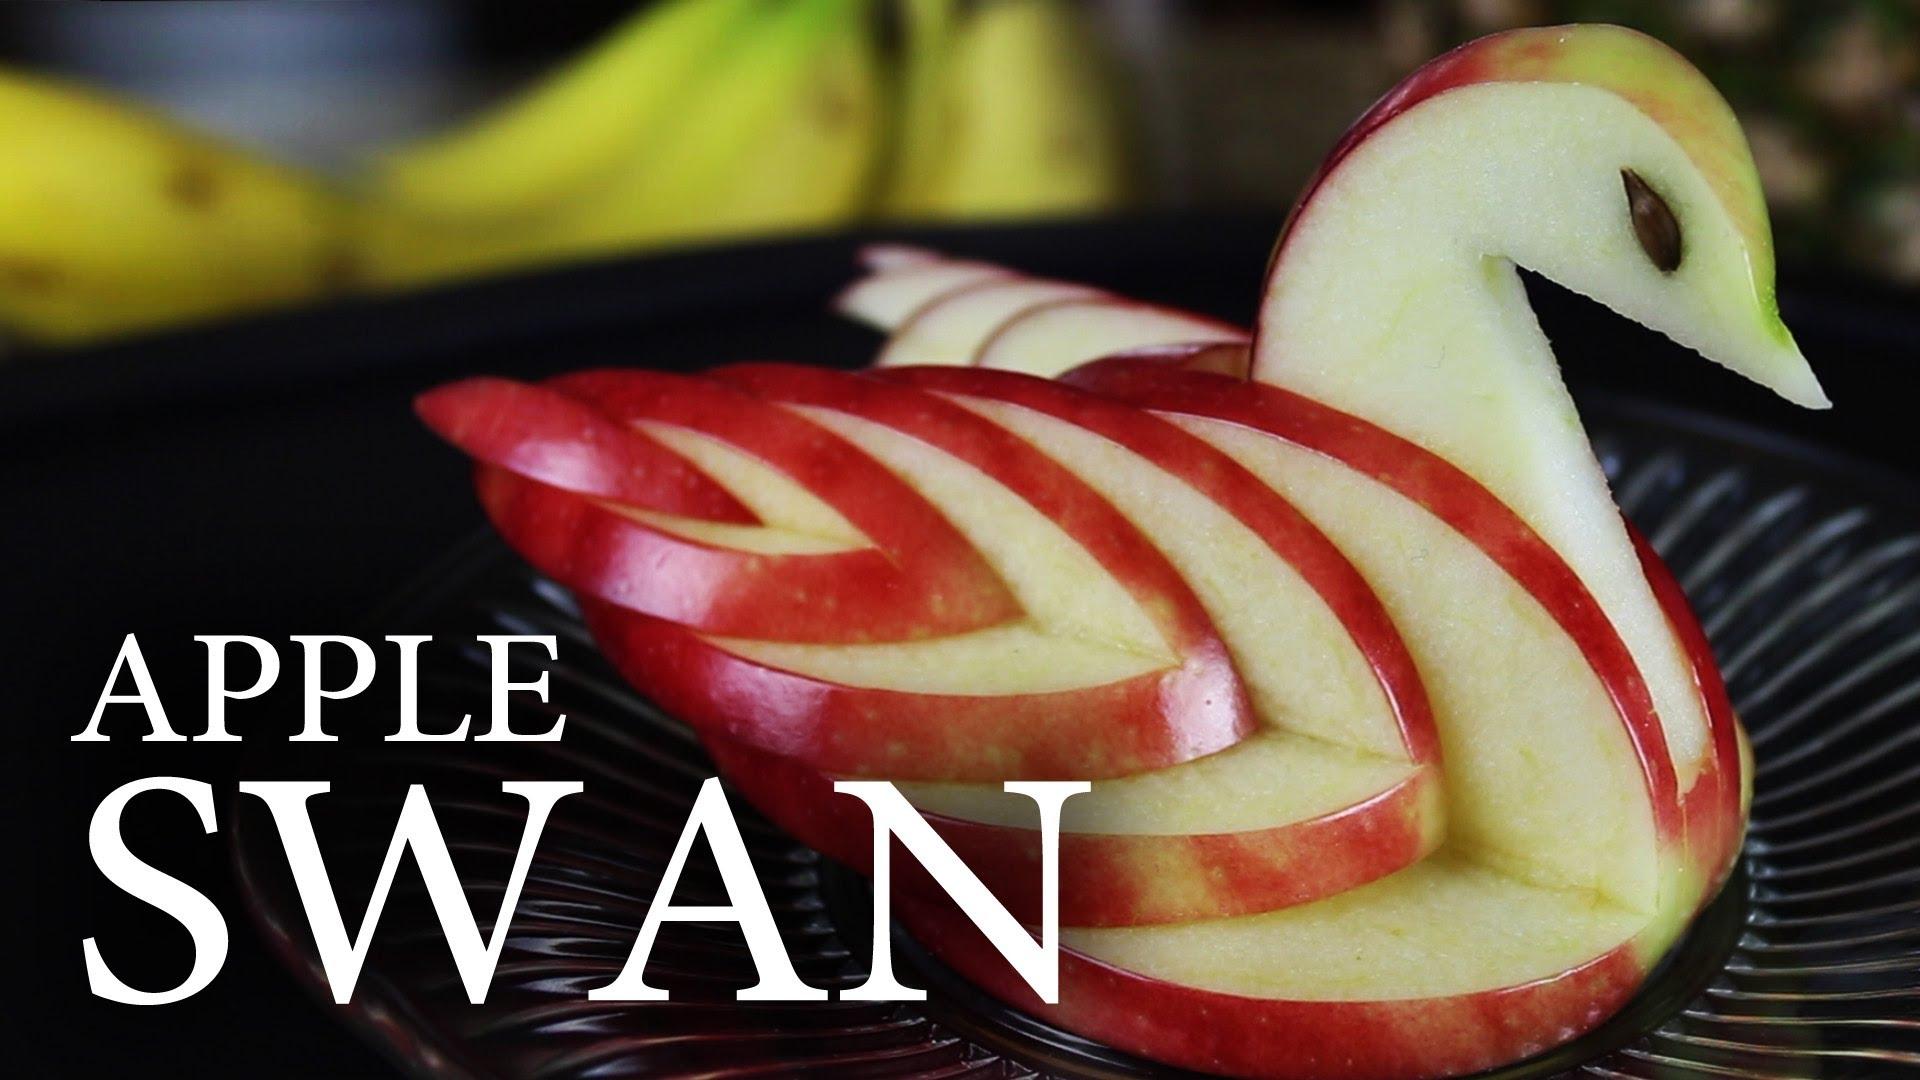 意外と簡単にできる! リンゴで作る白鳥